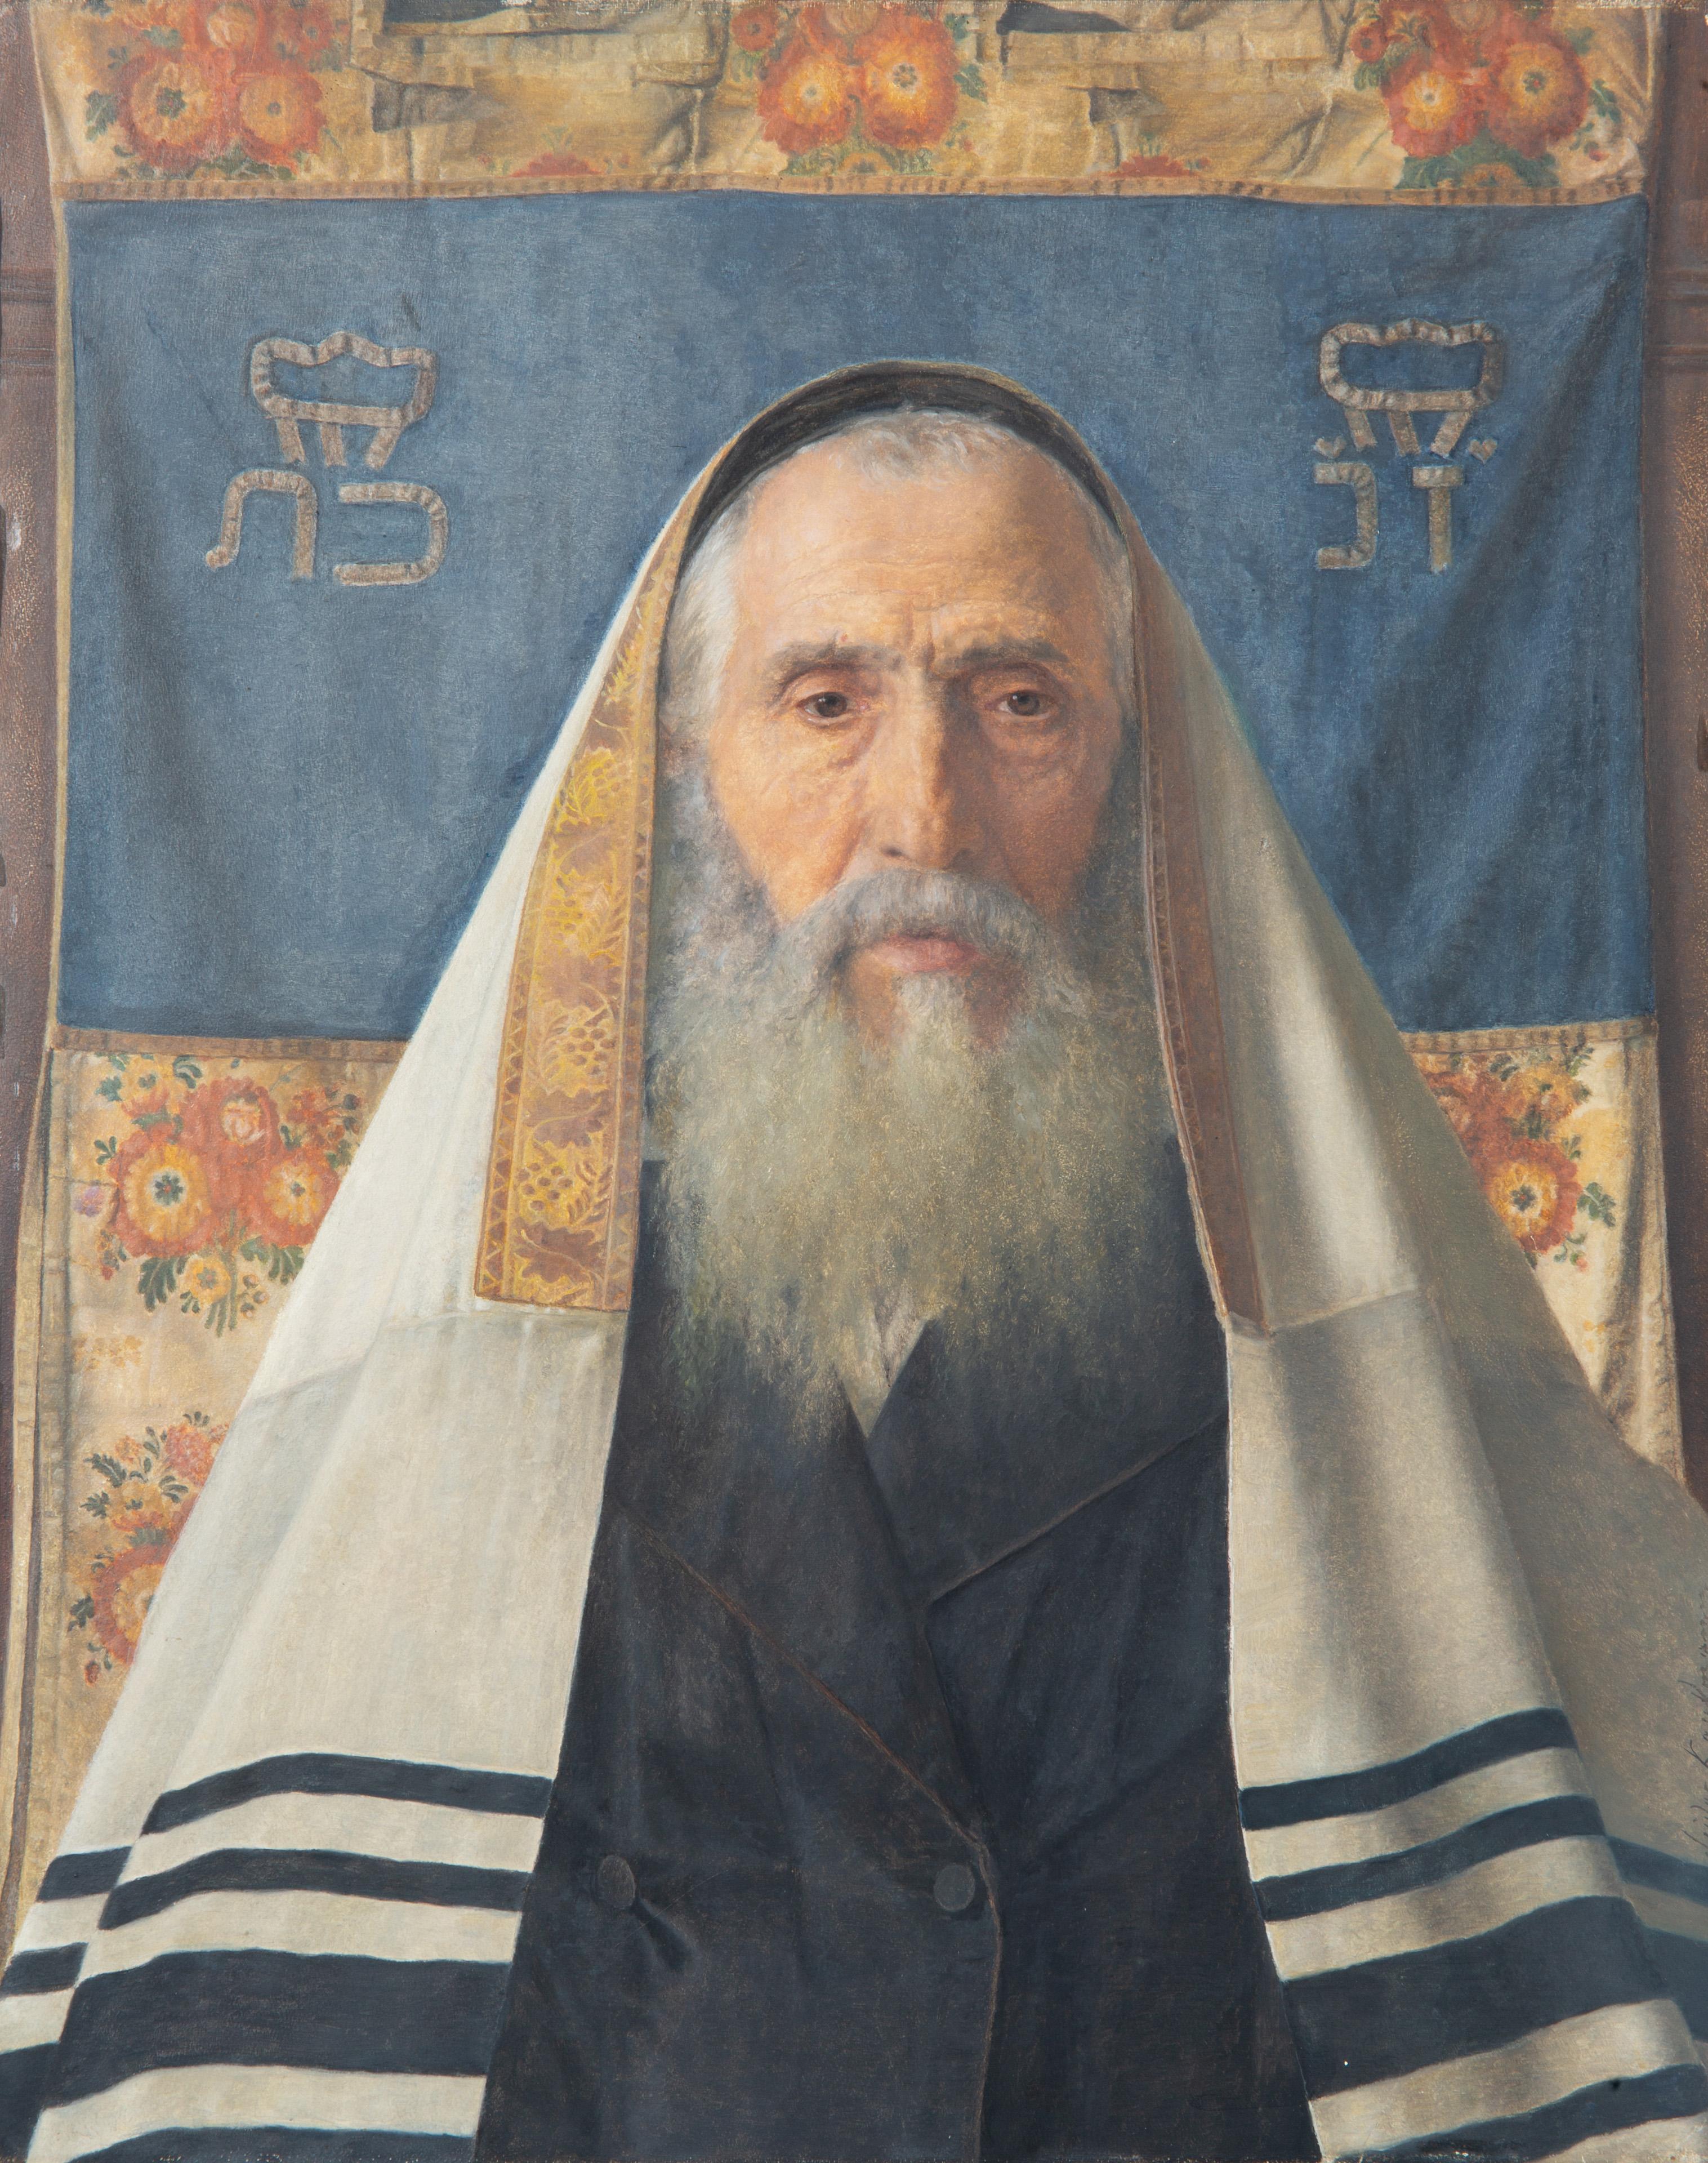 Auction Haute Joaillerie, Antiquités, Sculptures & Judaica at Shapiro Auctions : 354 lots